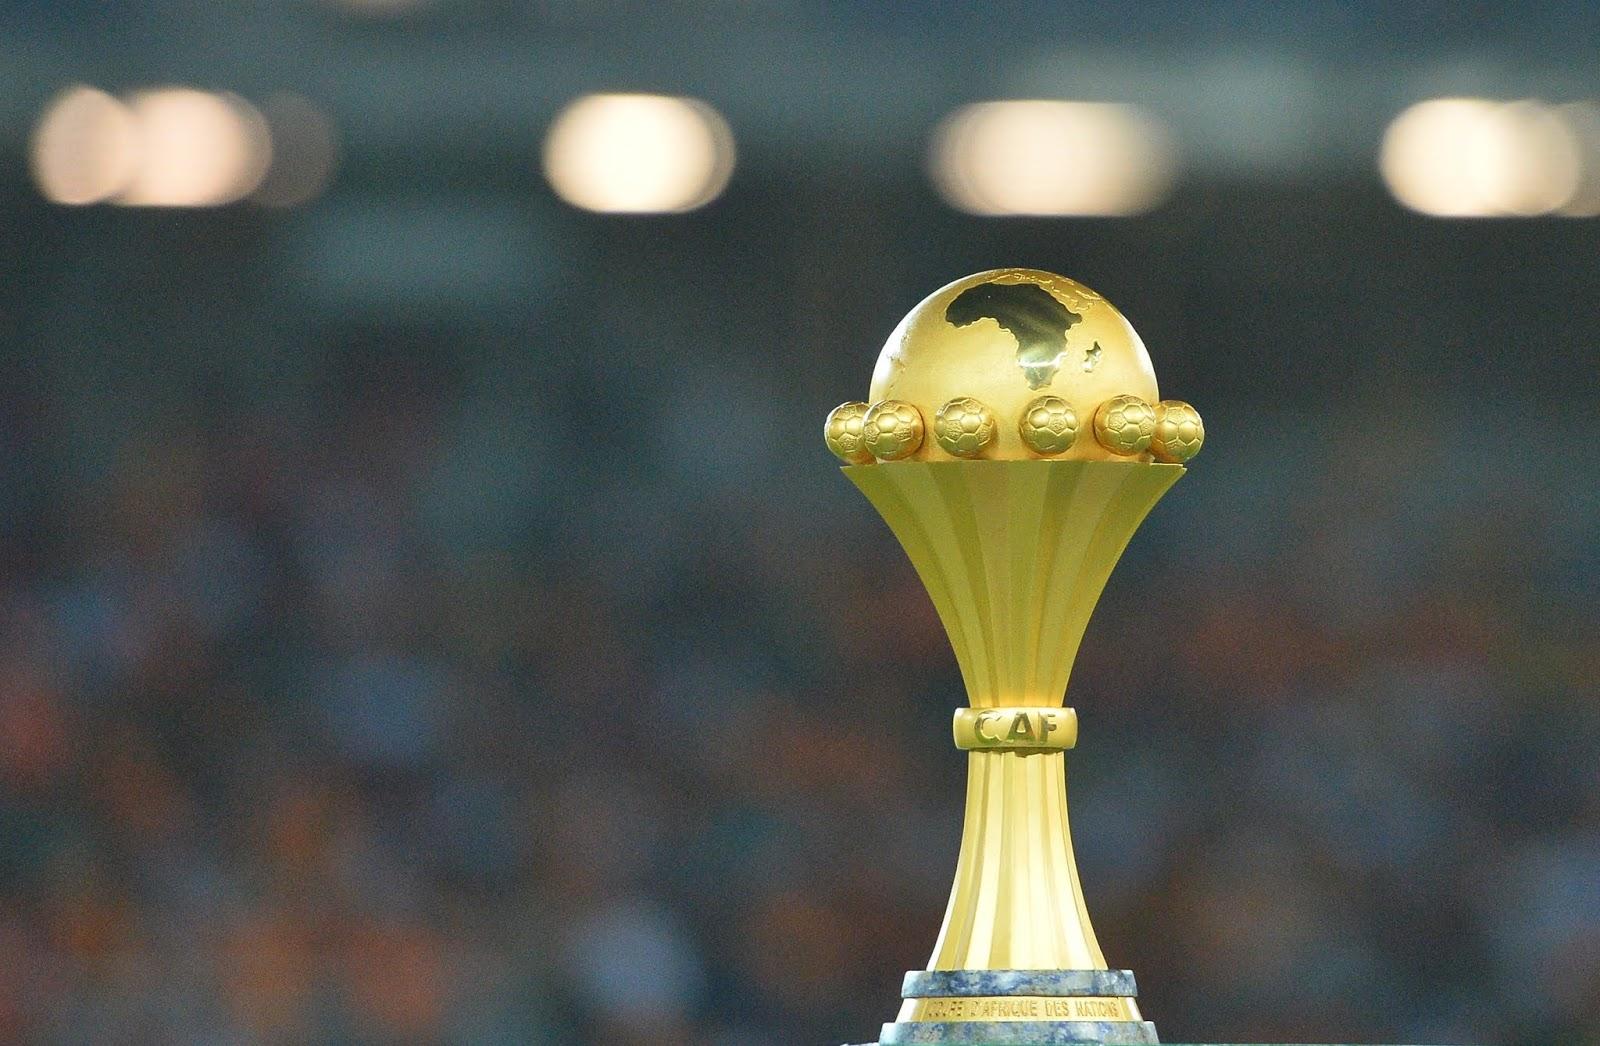 كأس افريقيا للأمم 2021 مهددة بالتأجيل